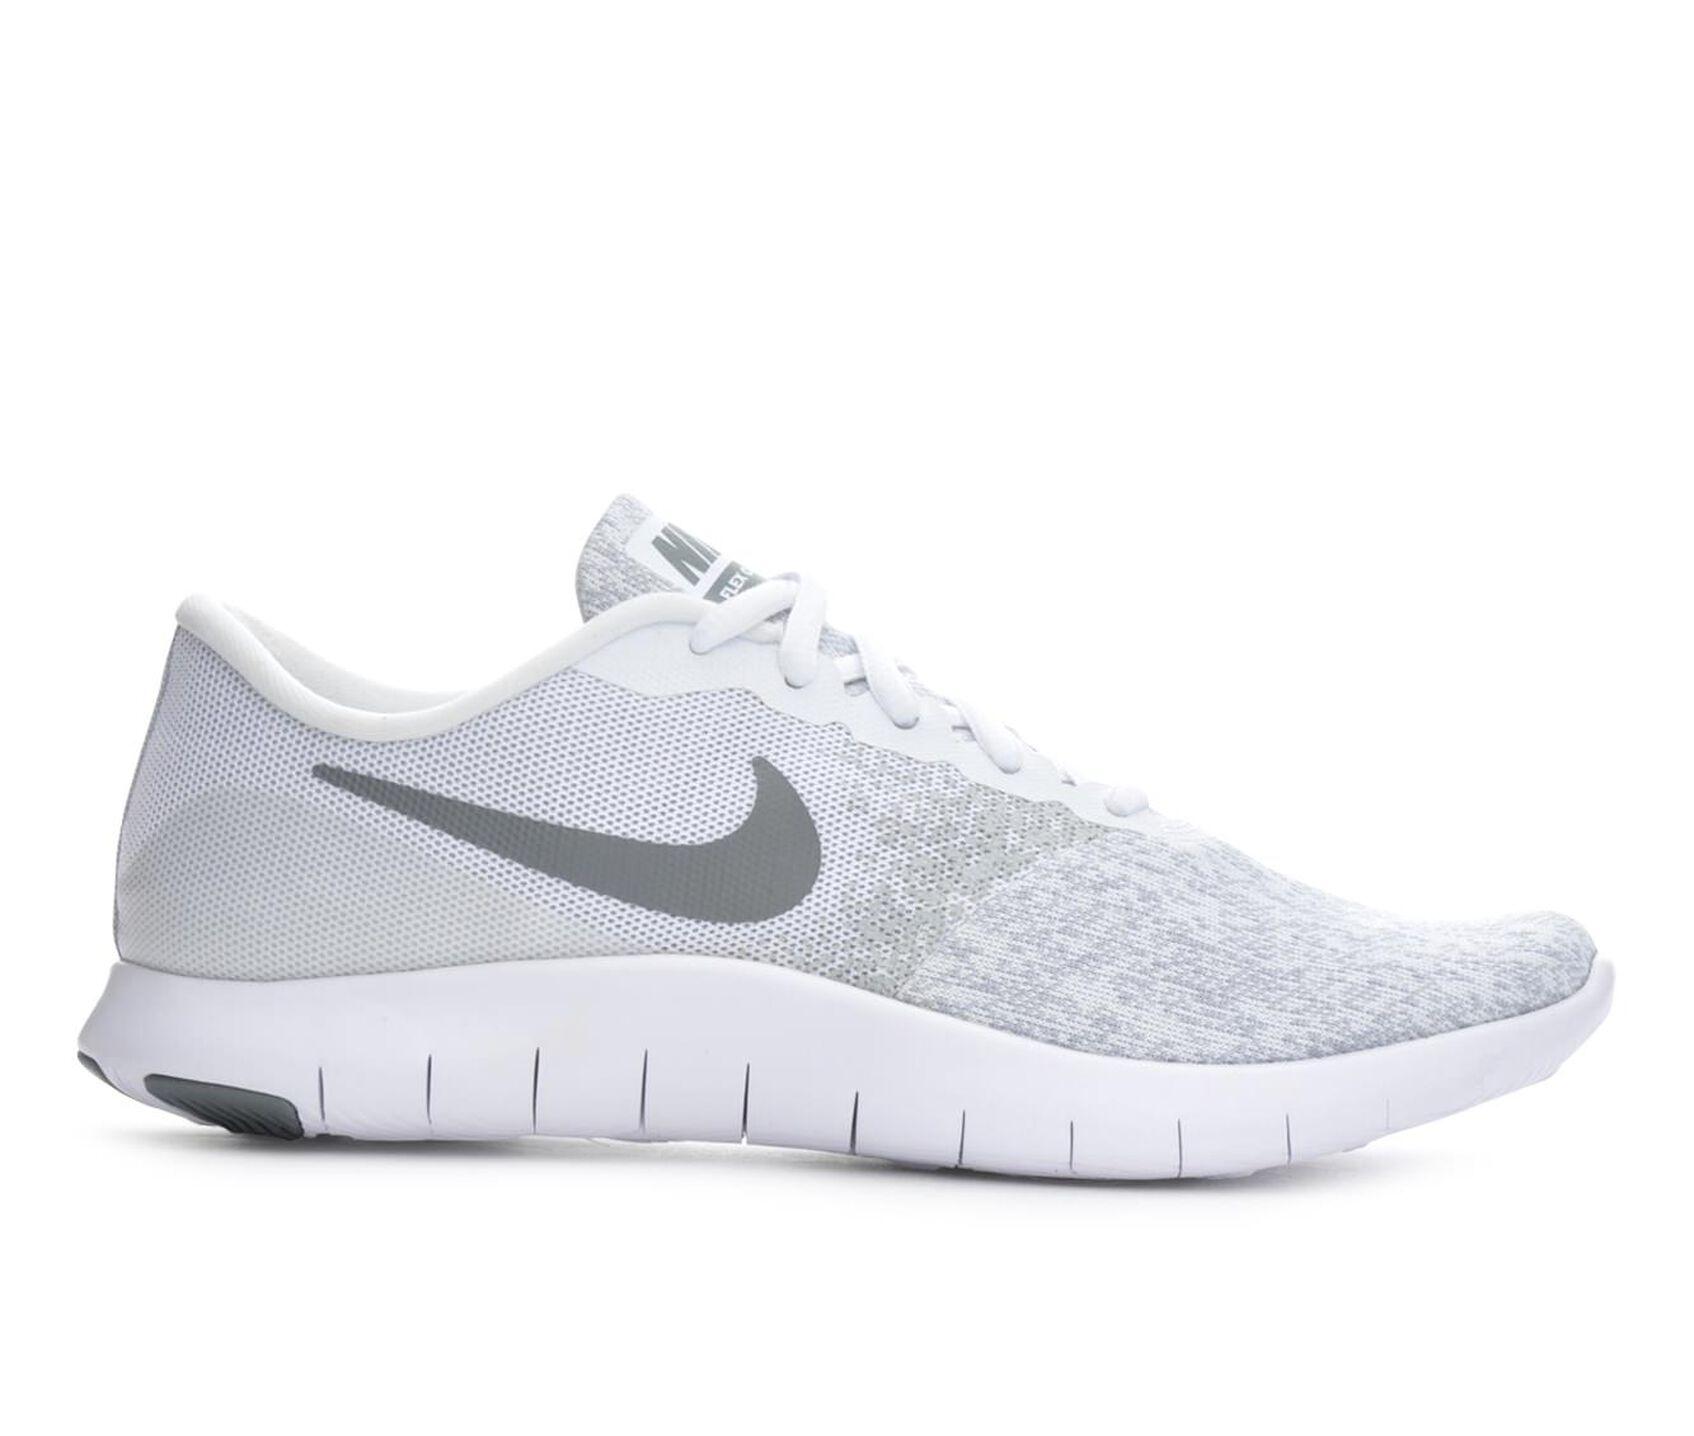 c1040502a15756 Women s Nike Flex Contact Running Shoes